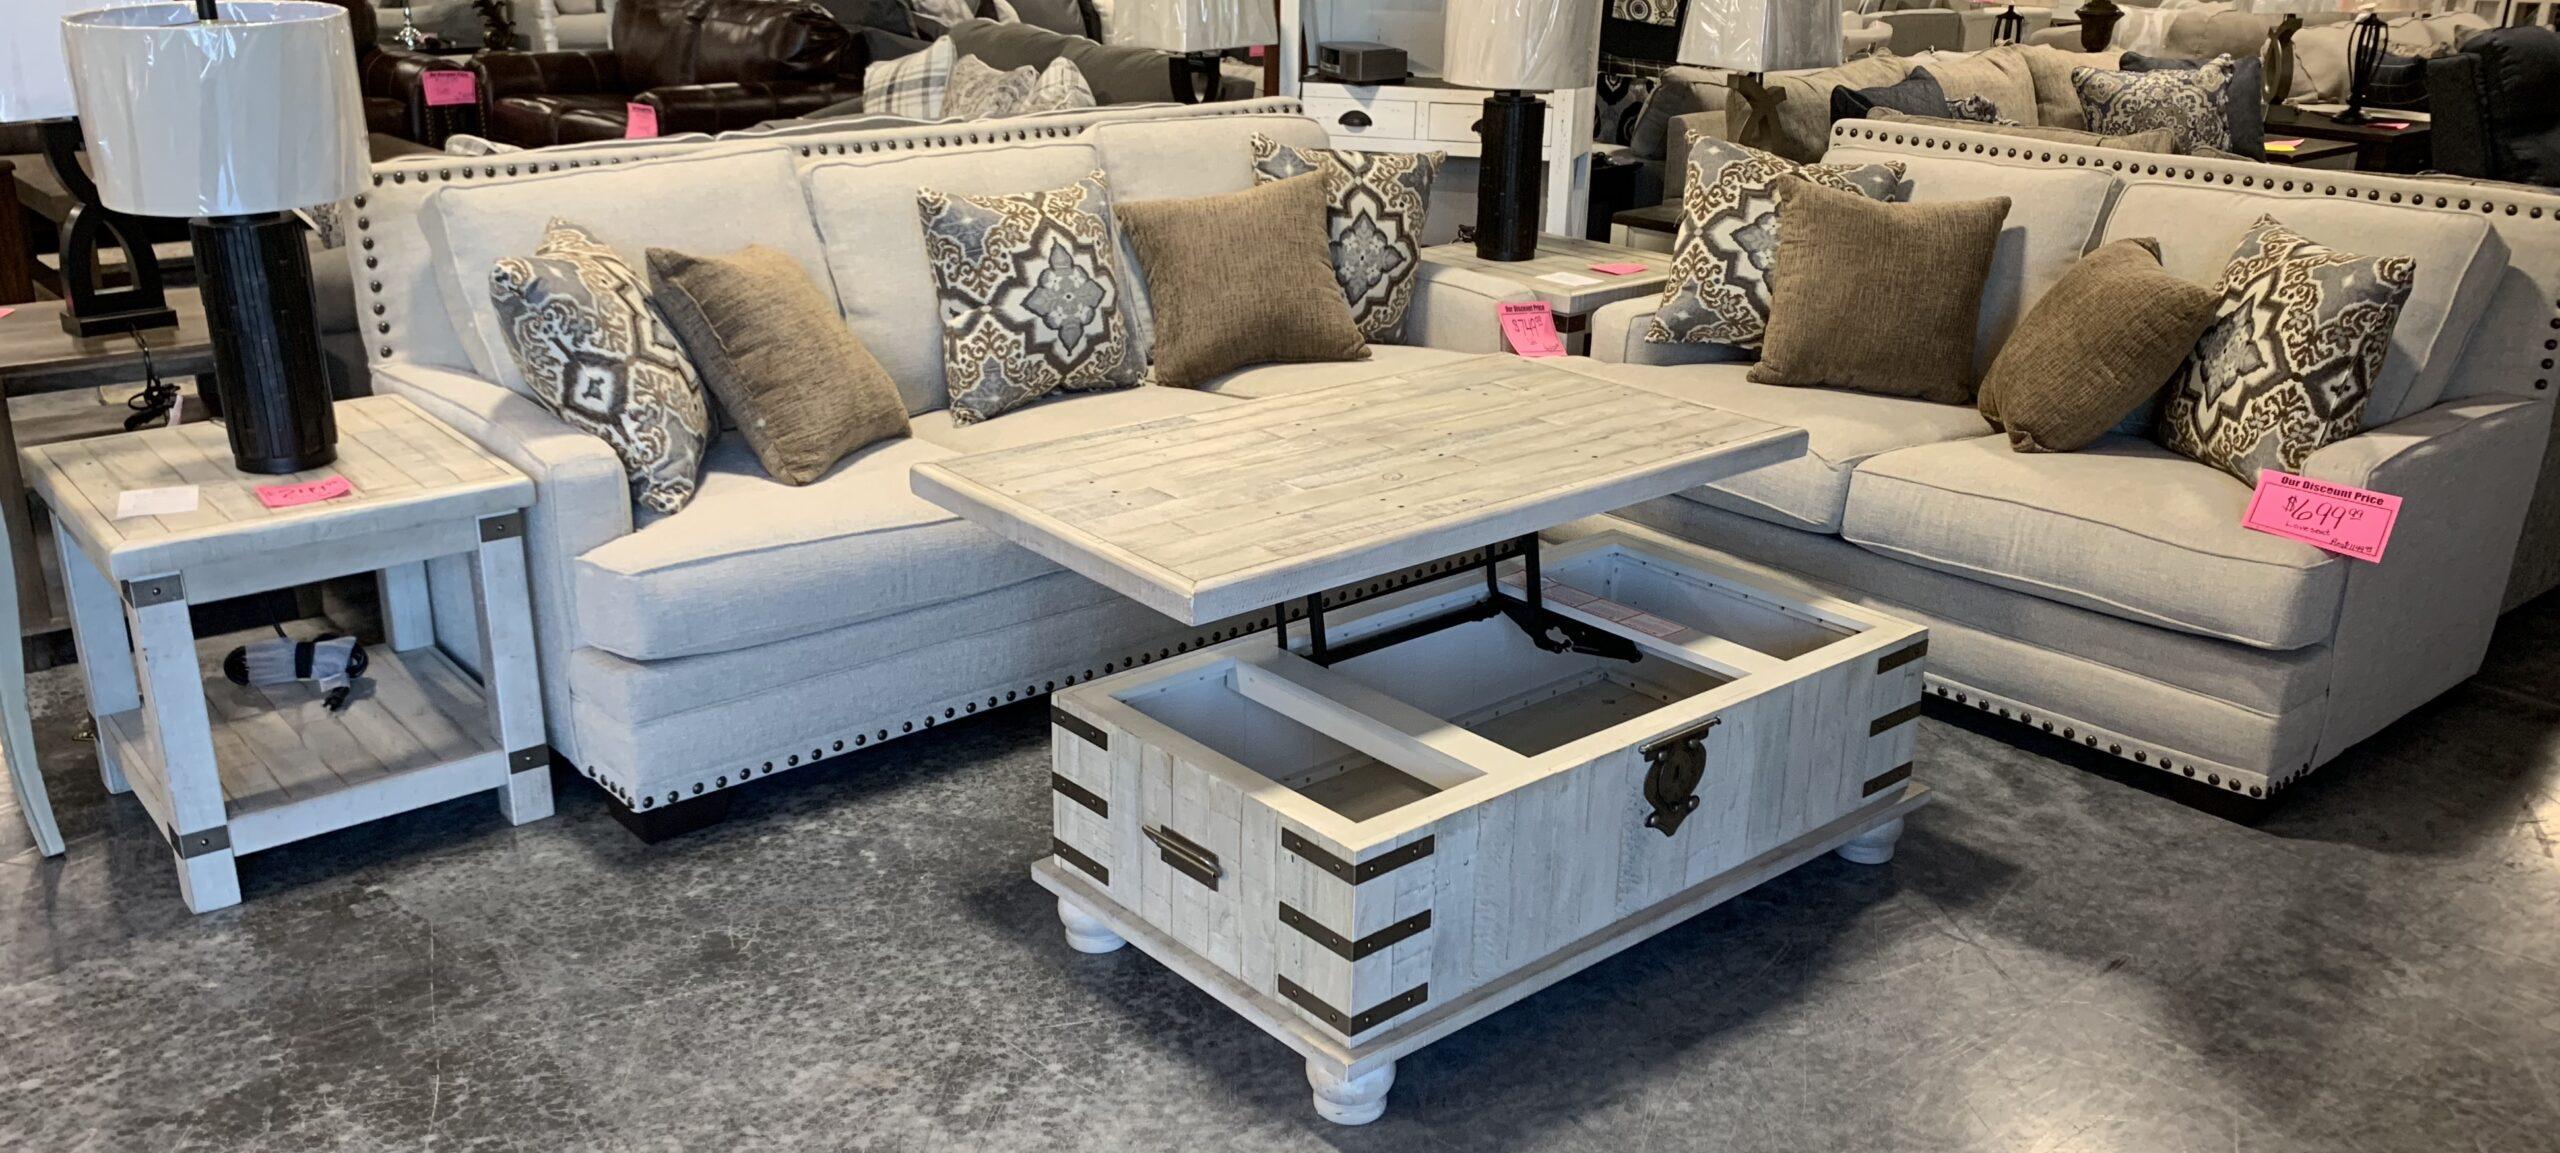 a sofa & loveseat set by Corinthian